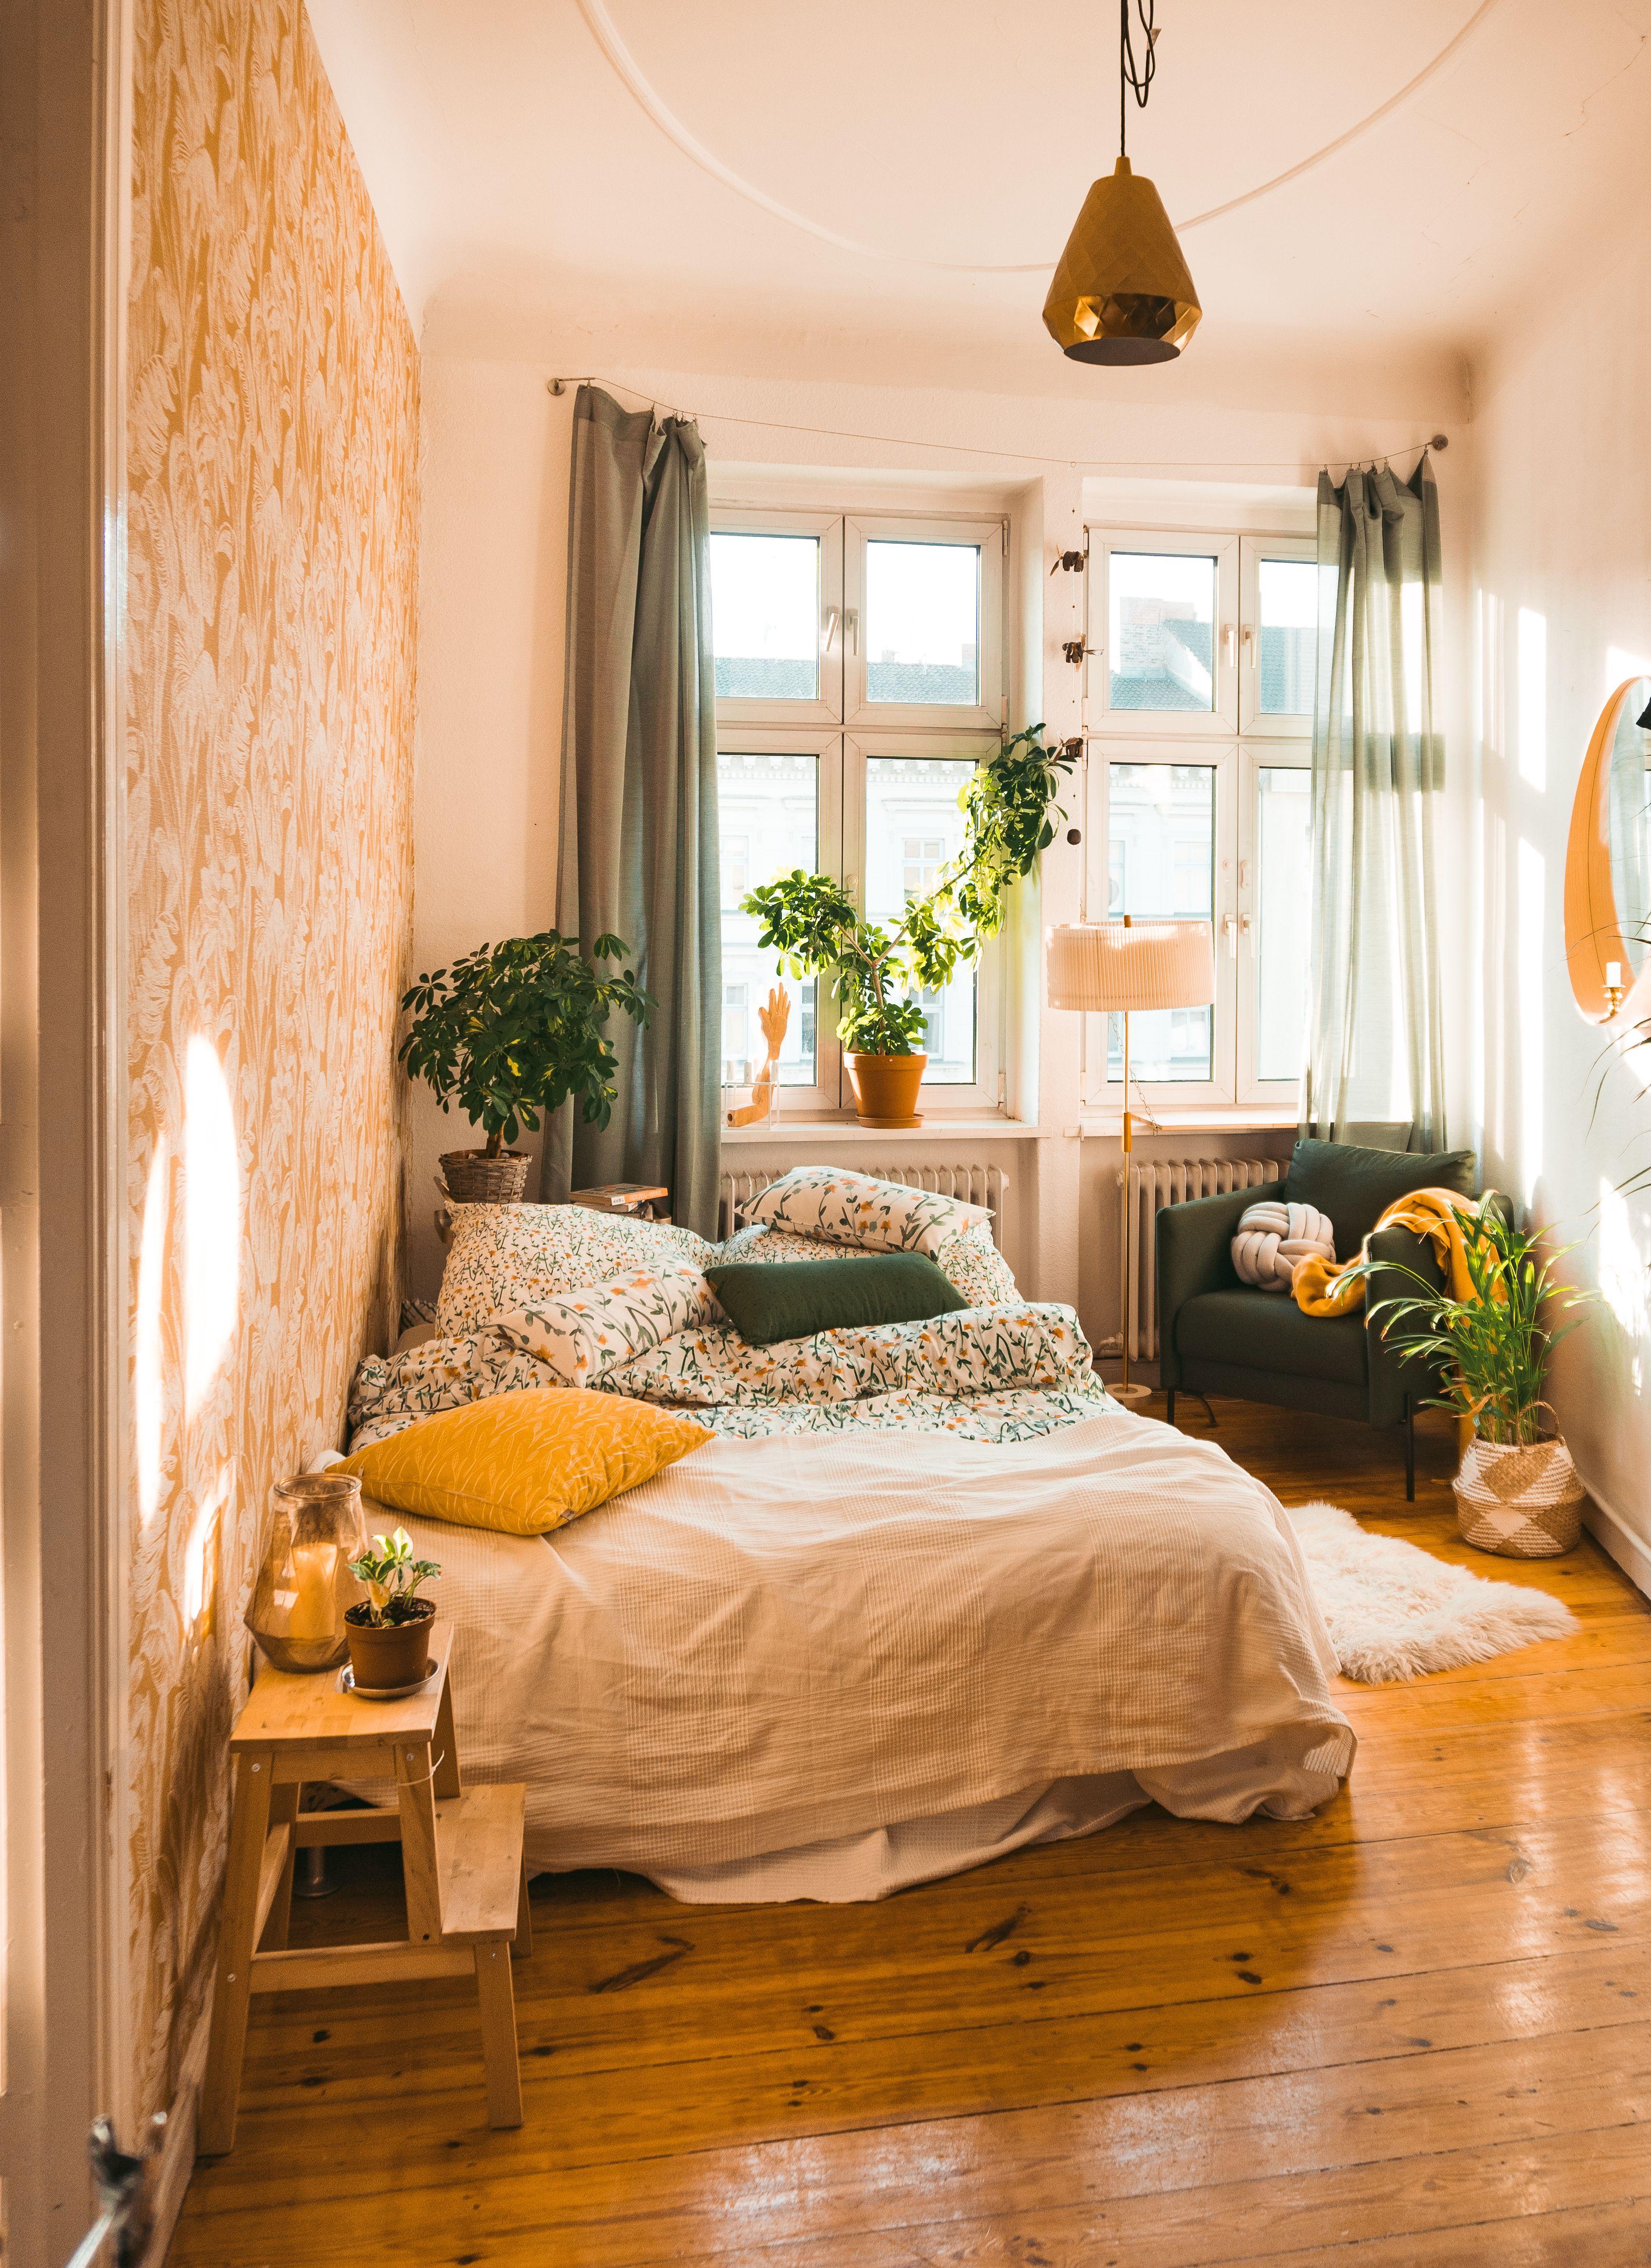 Die Macht der Textilien - stoffliche Materialkunde mit fridlaa #bedroominspirations